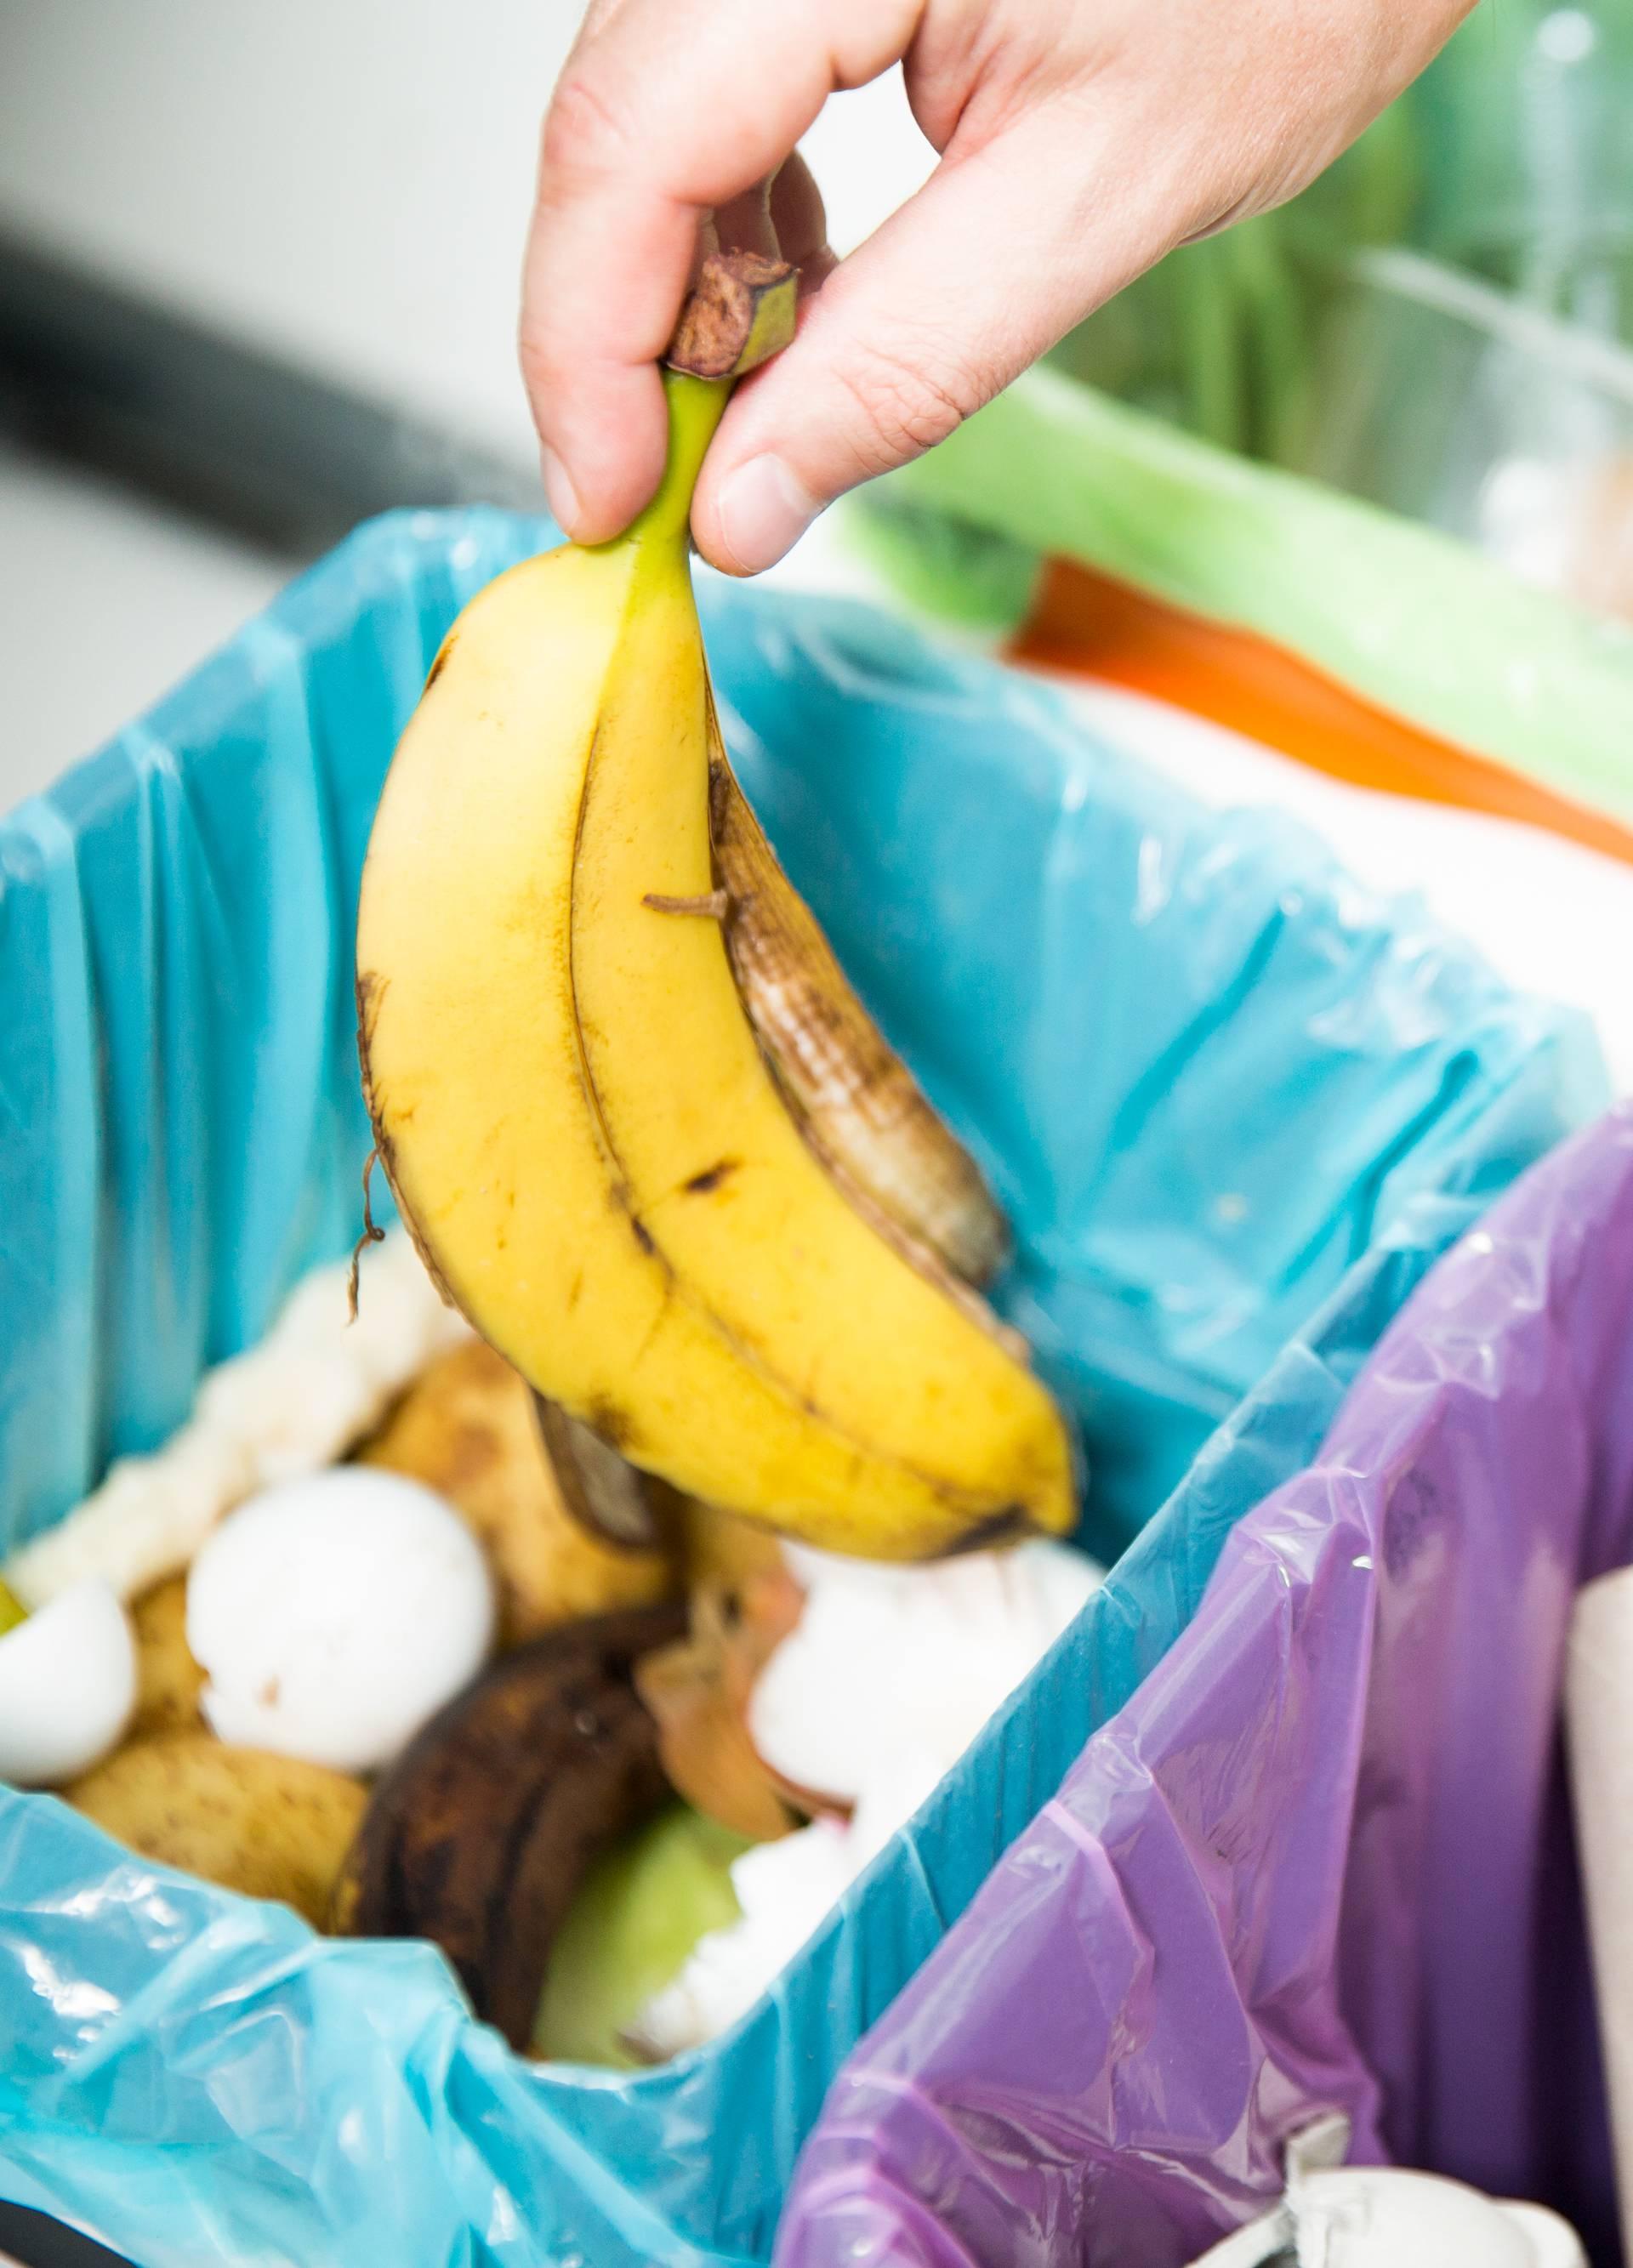 Savjeti kako količinu otpada u kućanstvu svesti na minimum